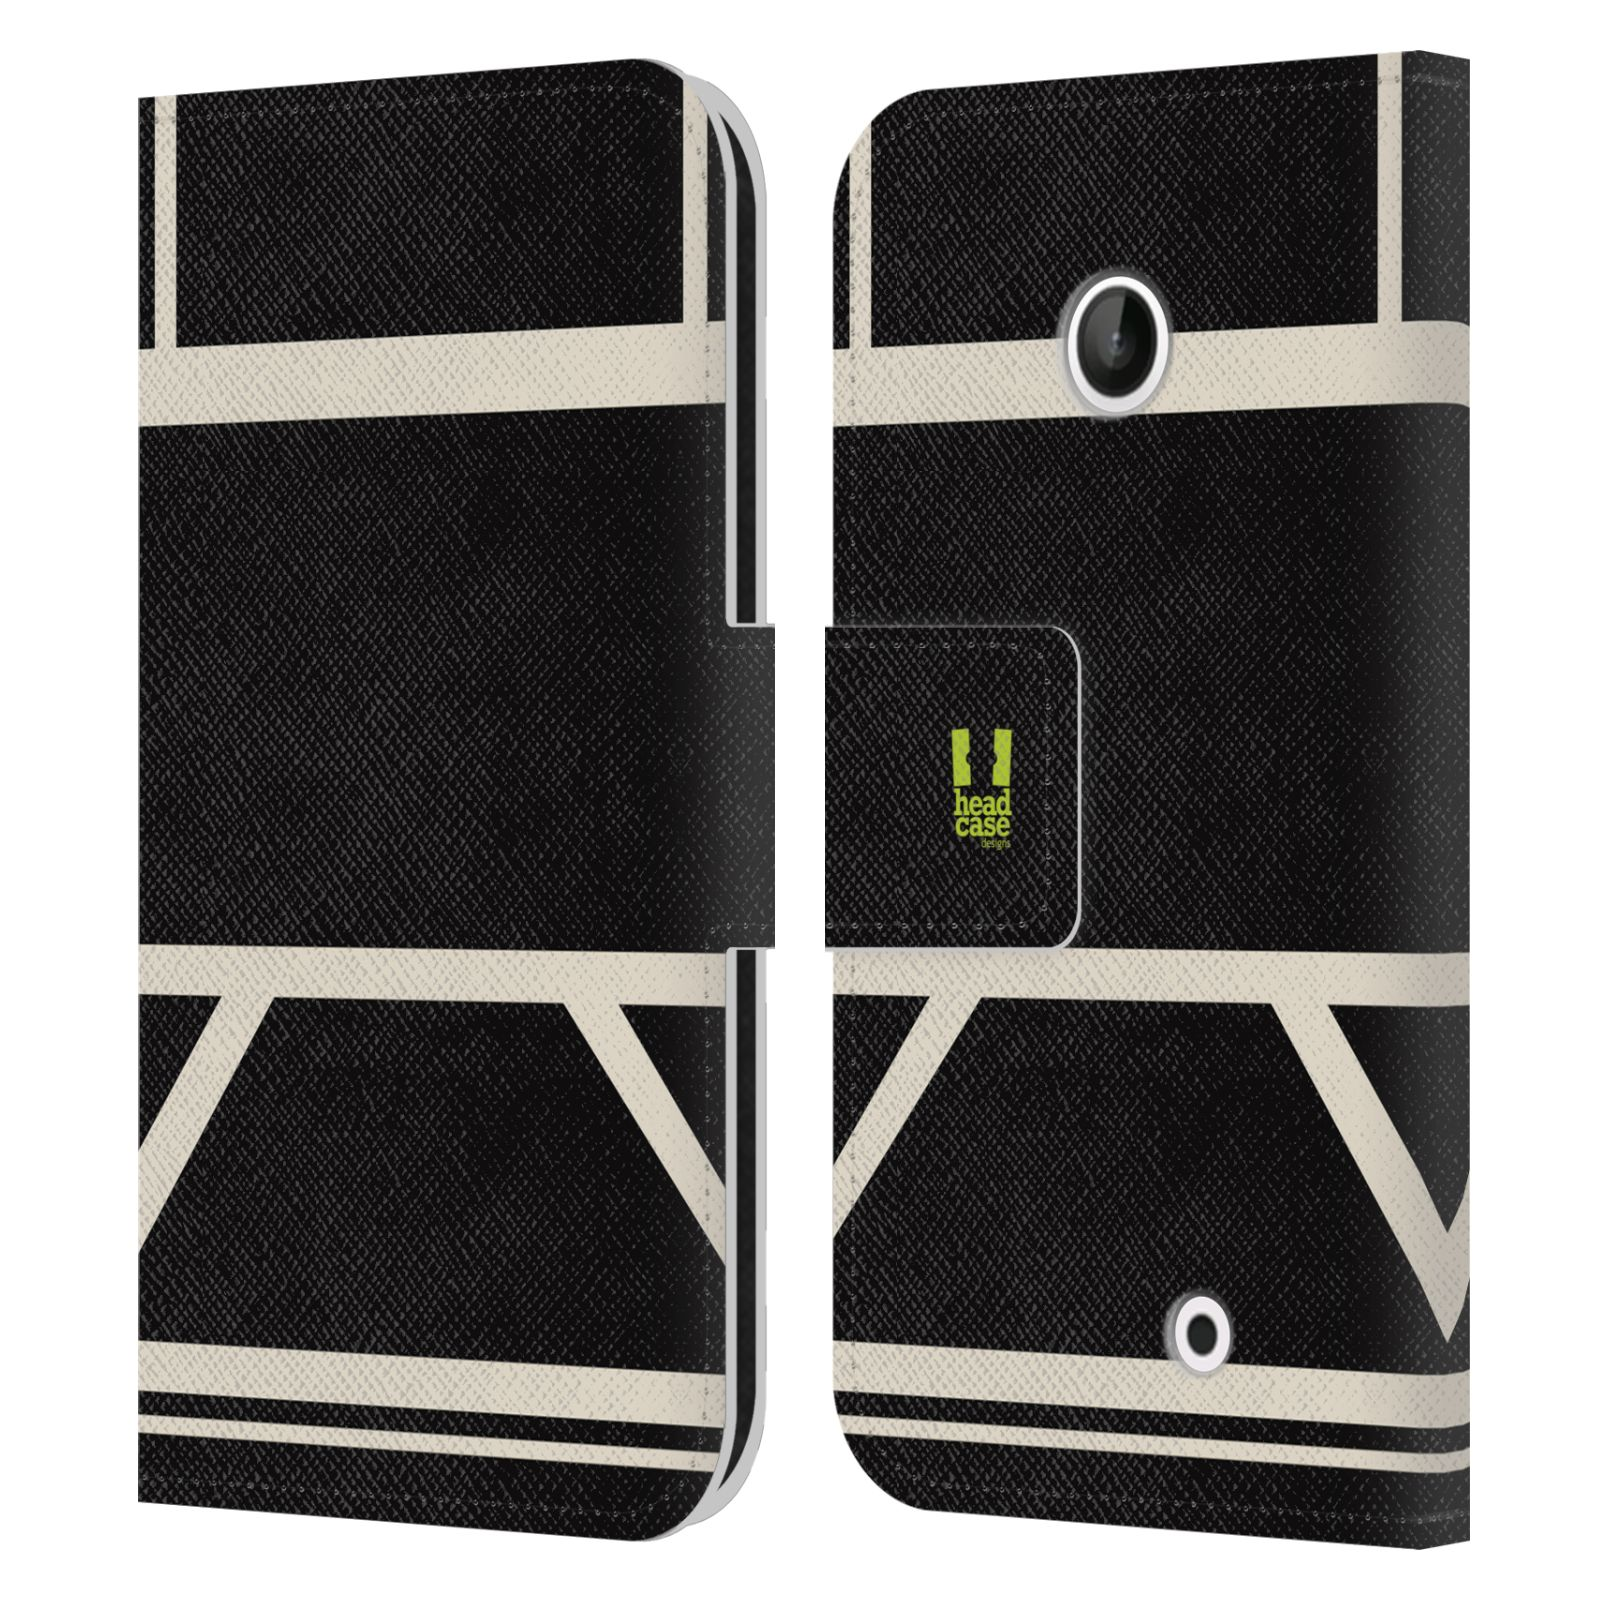 HEAD CASE Flipové pouzdro pro mobil Nokia LUMIA 630/630 DUAL barevné tvary černá a bílá proužek